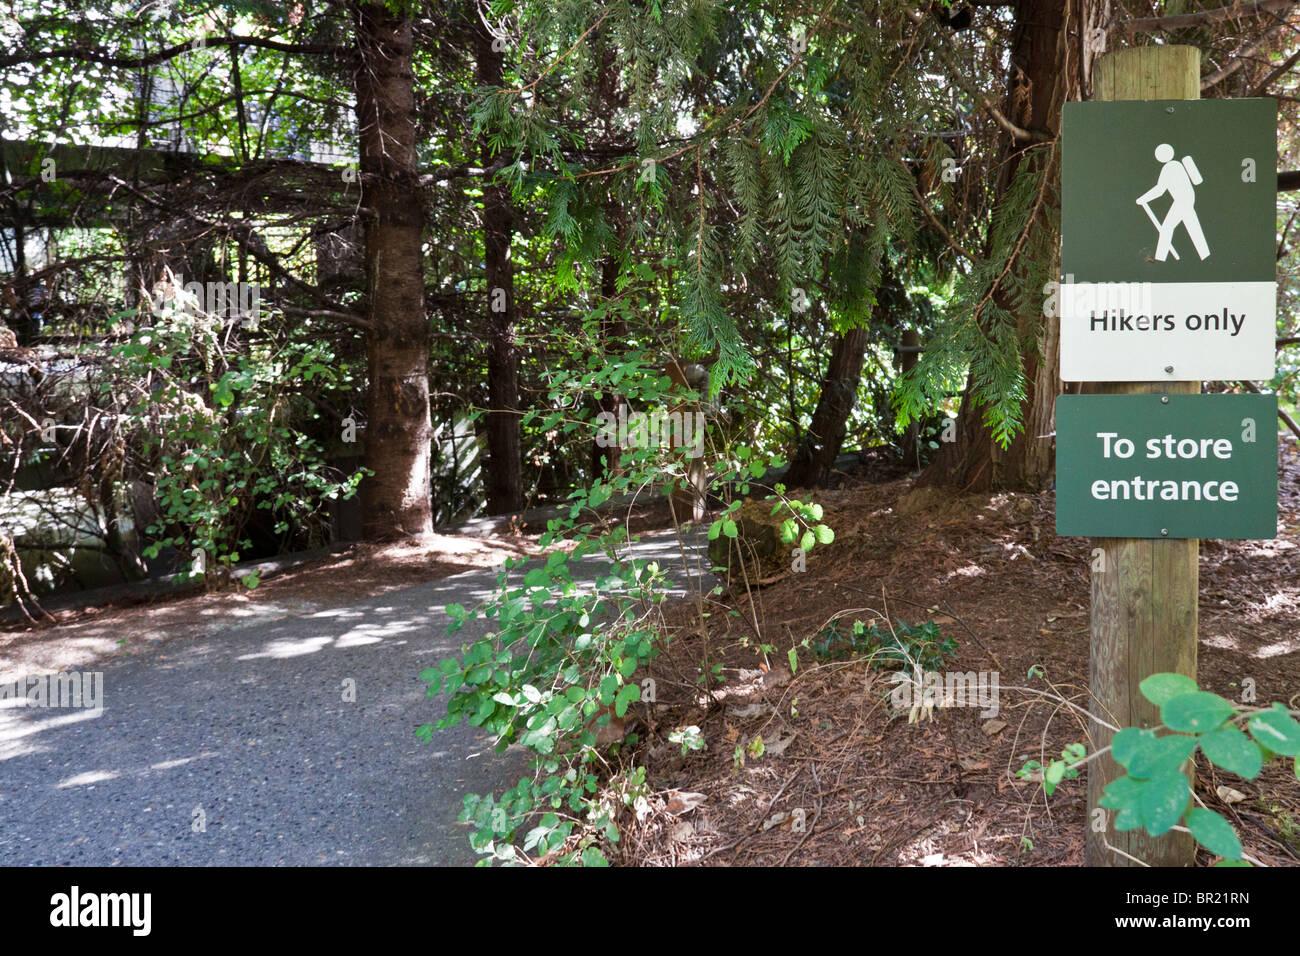 Préserver la nature autour de l'aménagement paysager REI Co-Op Siège social Magasin, Seattle, Photo Stock